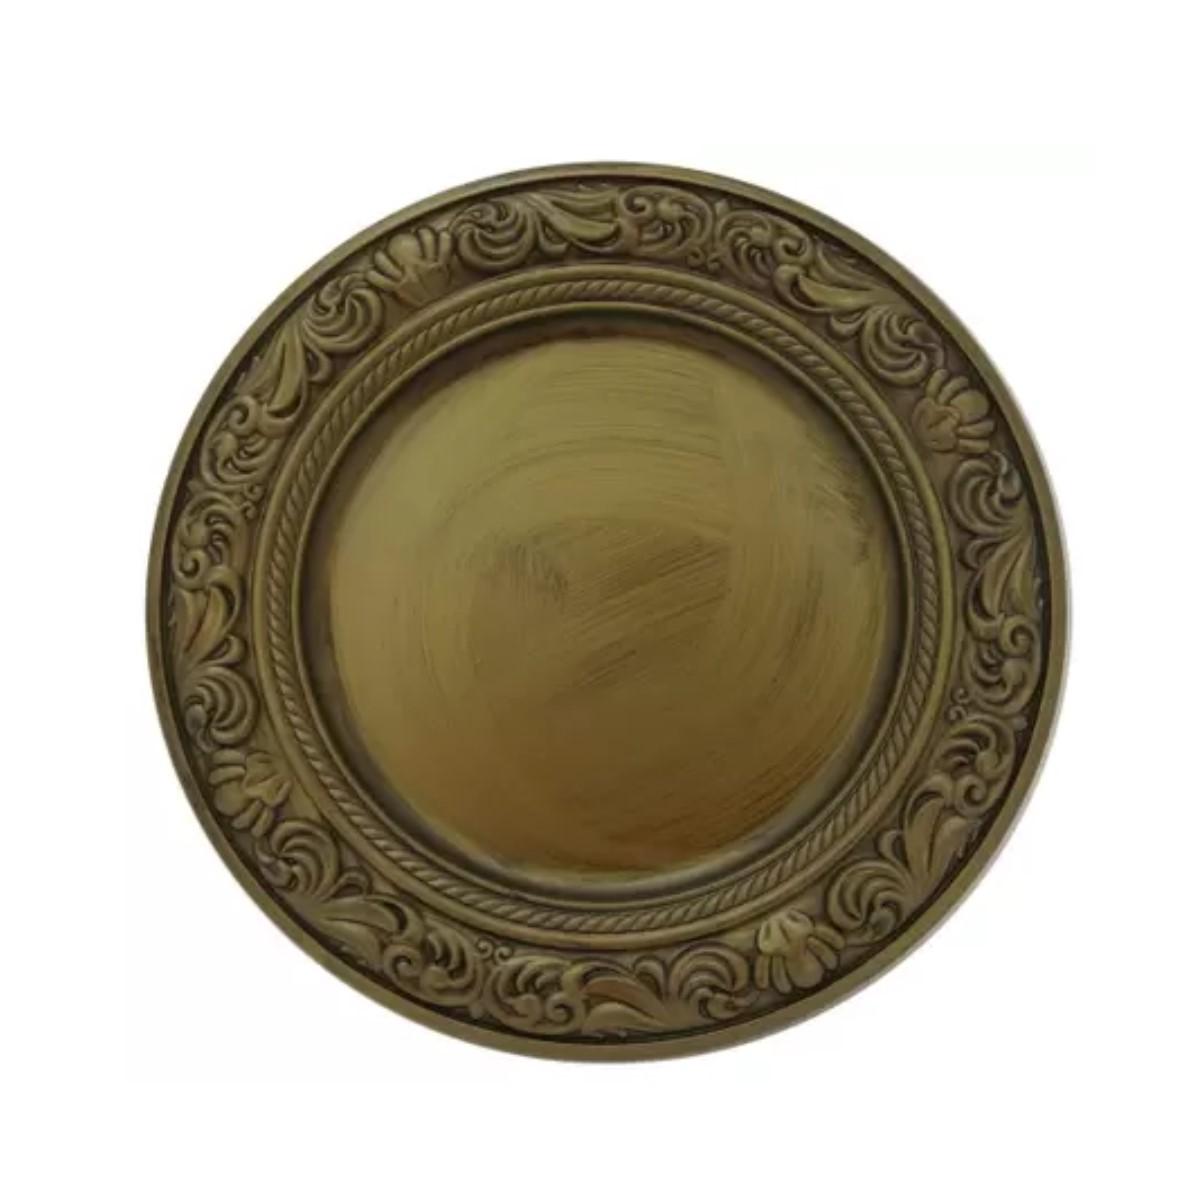 Sousplat Barroco Dourado Ref:sp20015 - Mimo